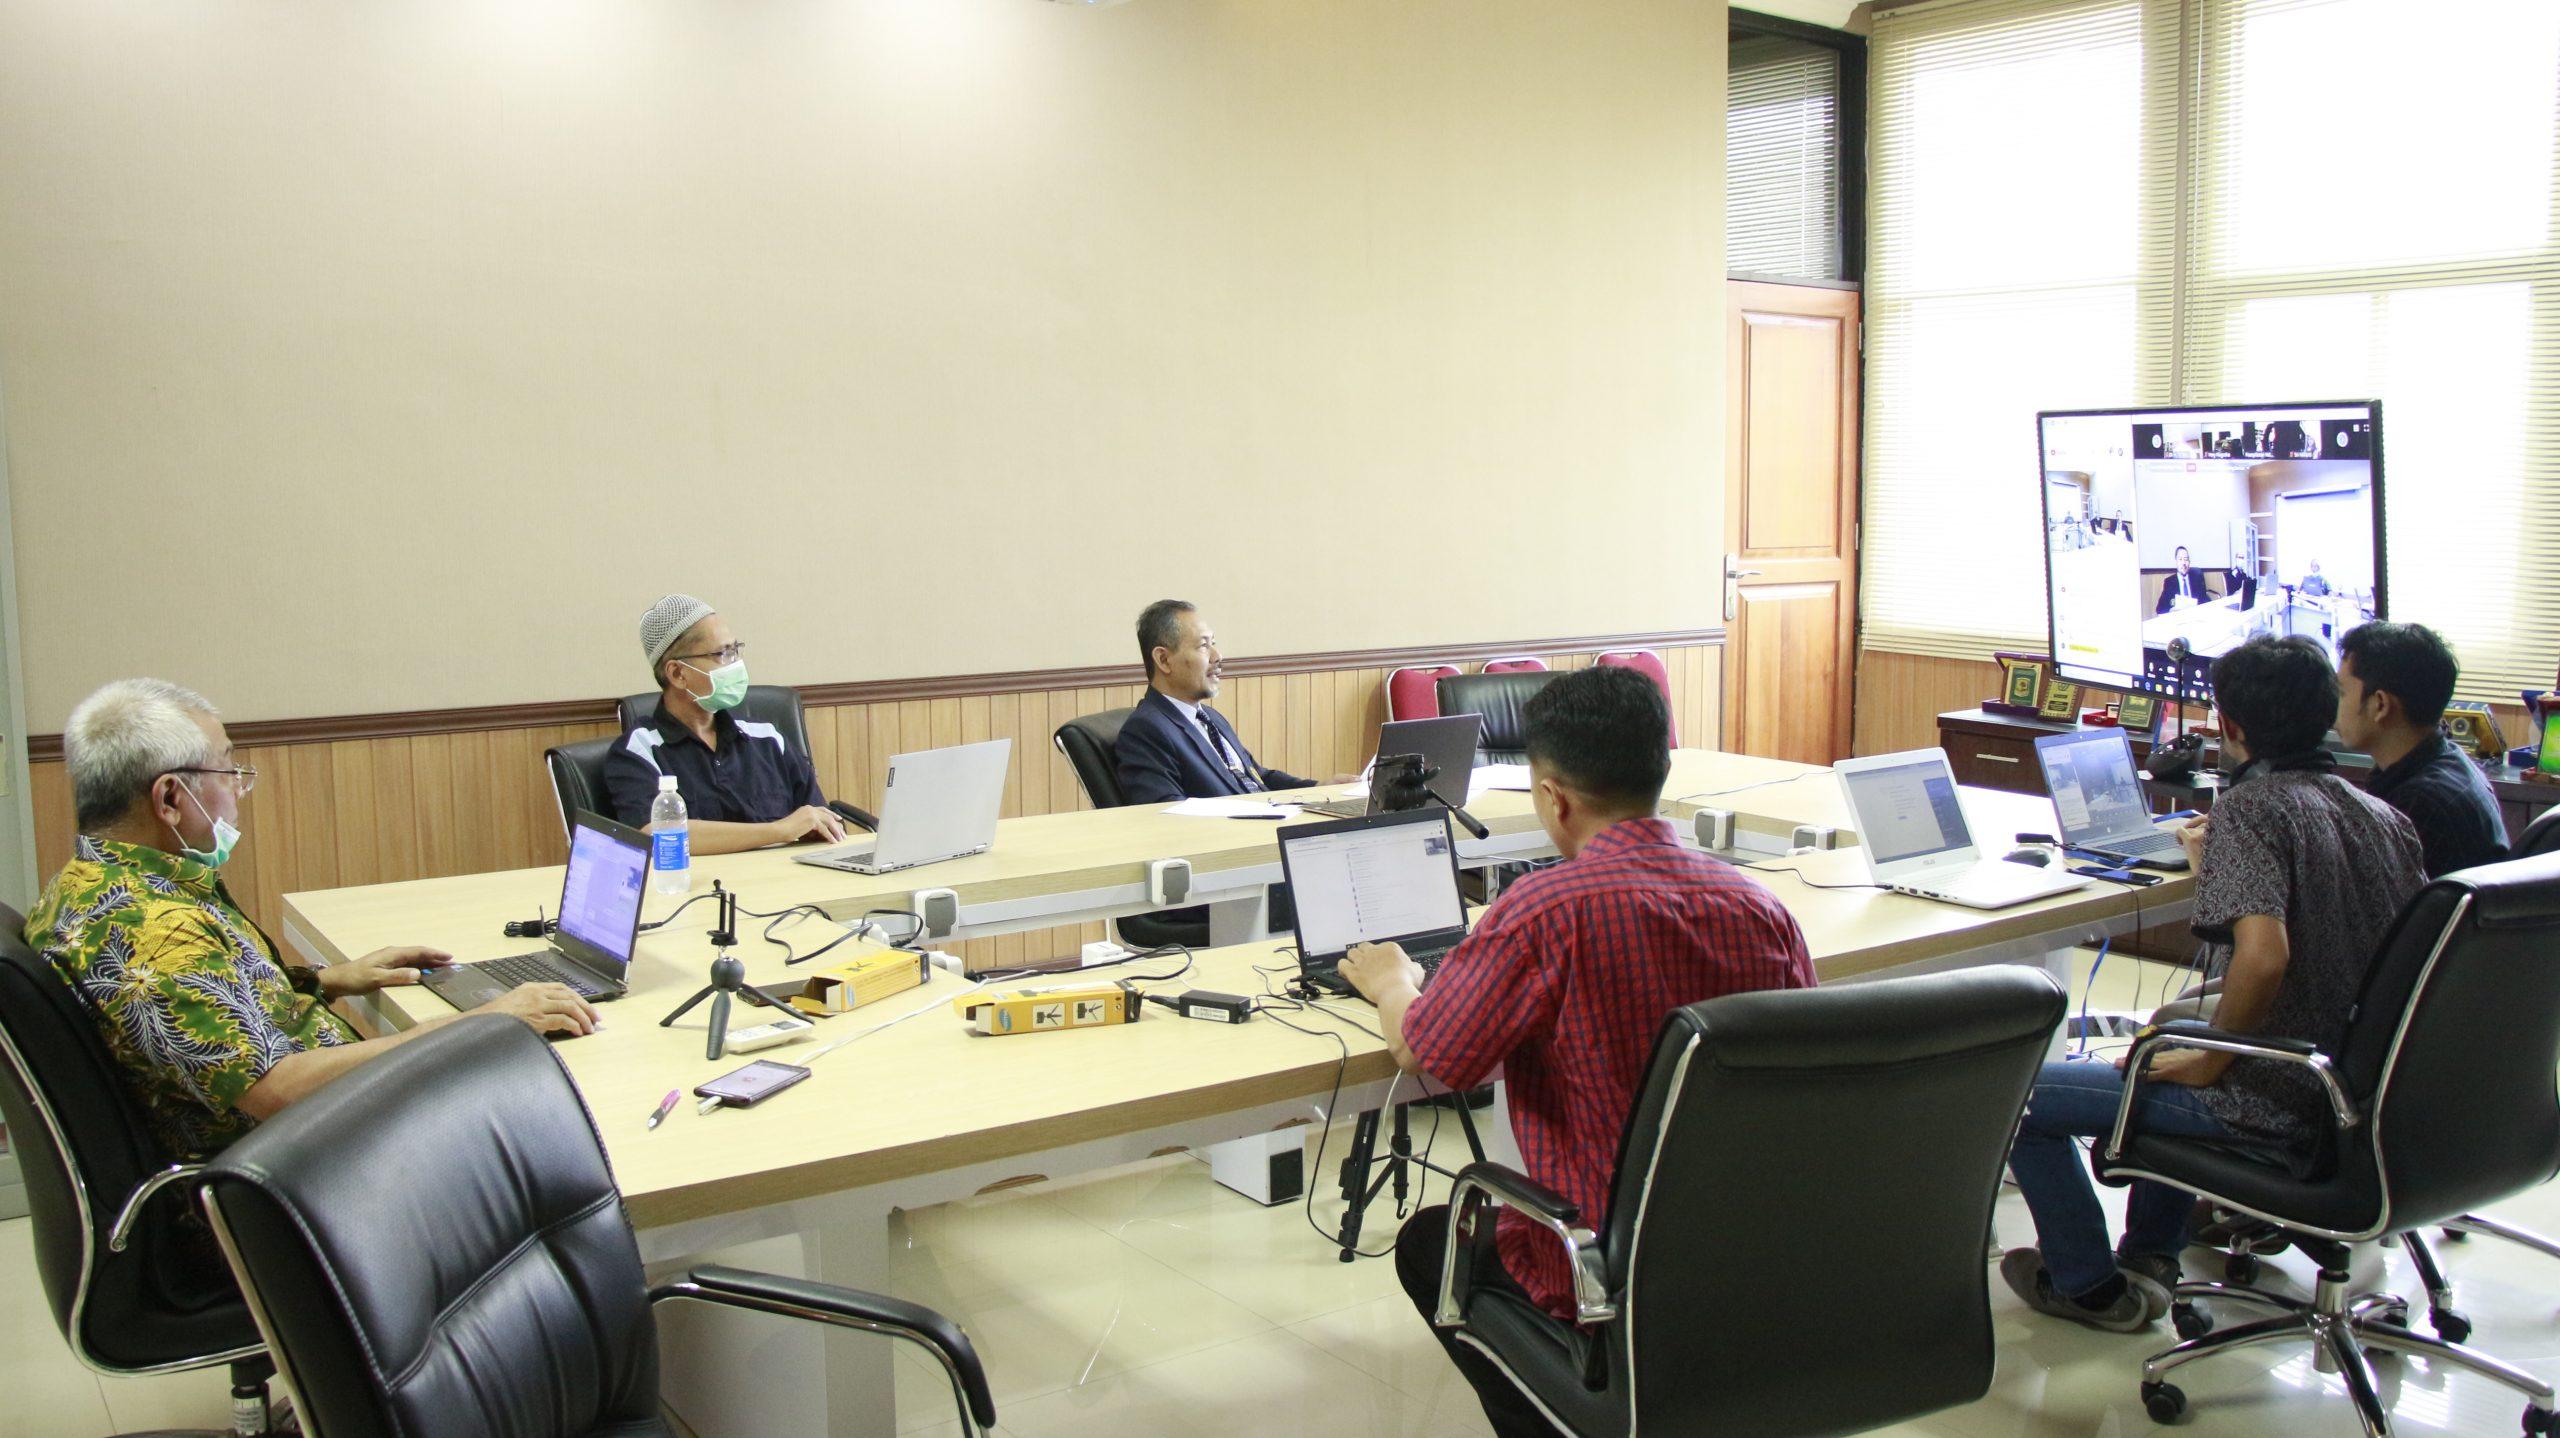 Evaluasi Kegiatan Akademik Secara Daring, Fapet UB Adakan Rapat Koordinasi